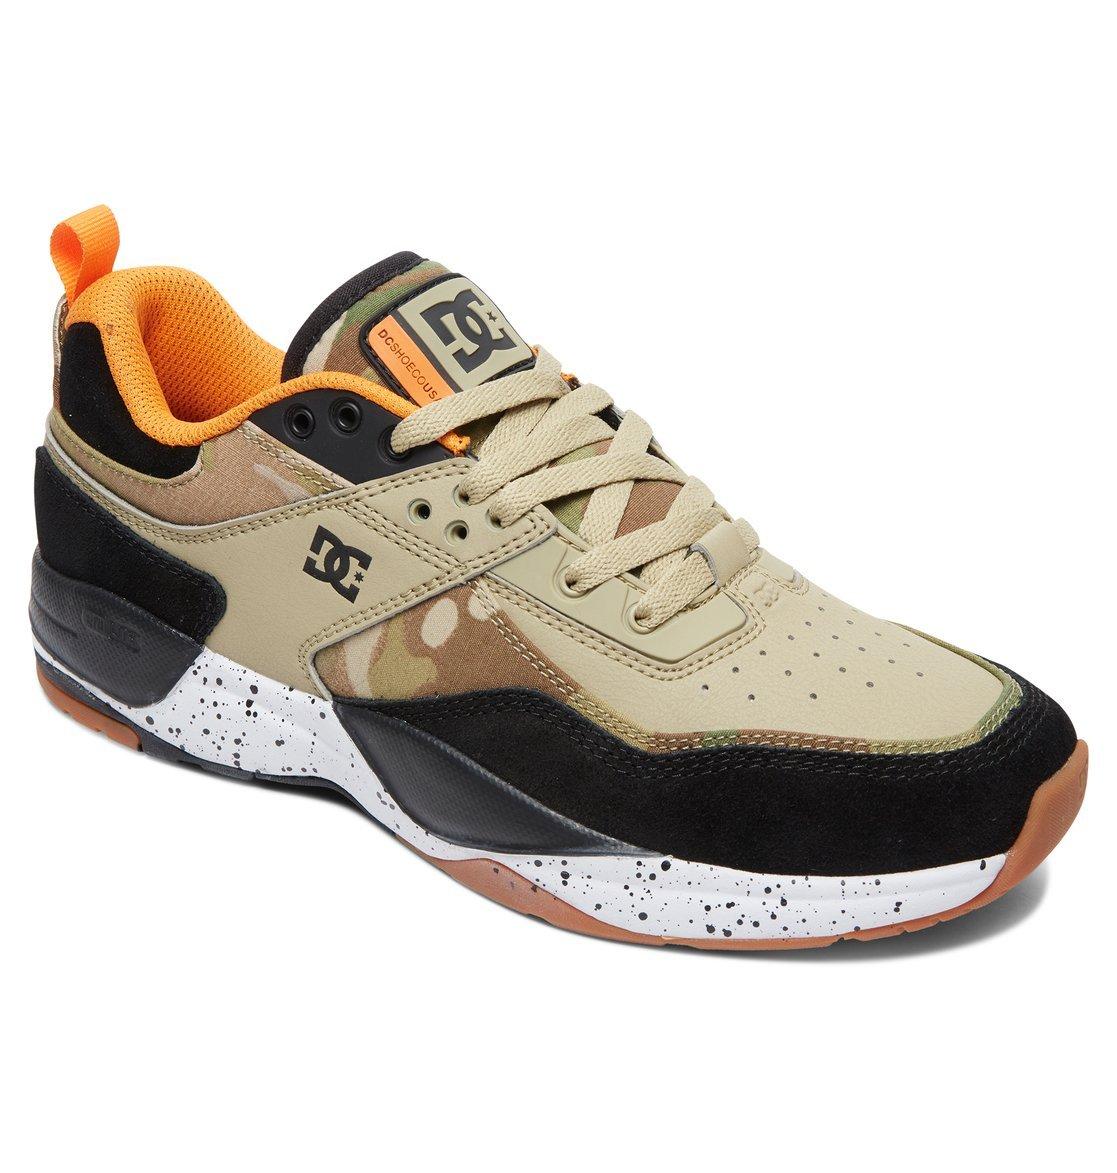 DC Men's E.Tribeka Se Shoes, Camo, 13D